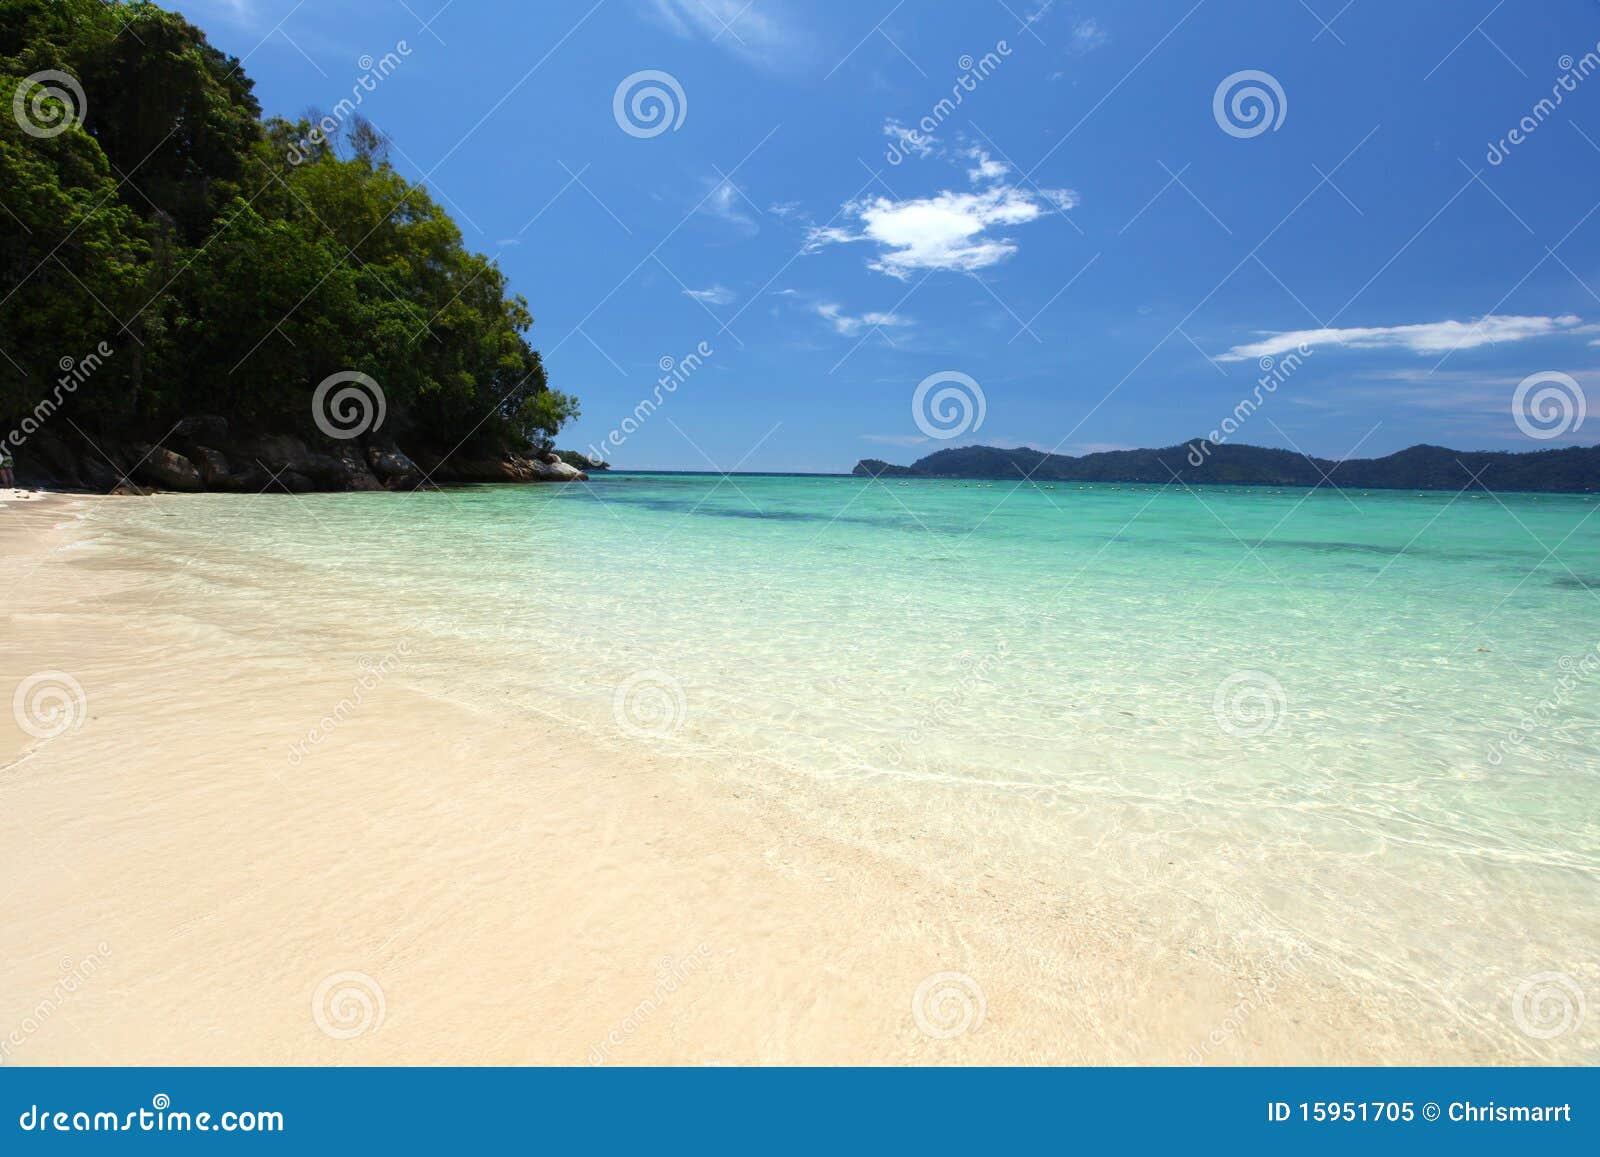 borneo plage